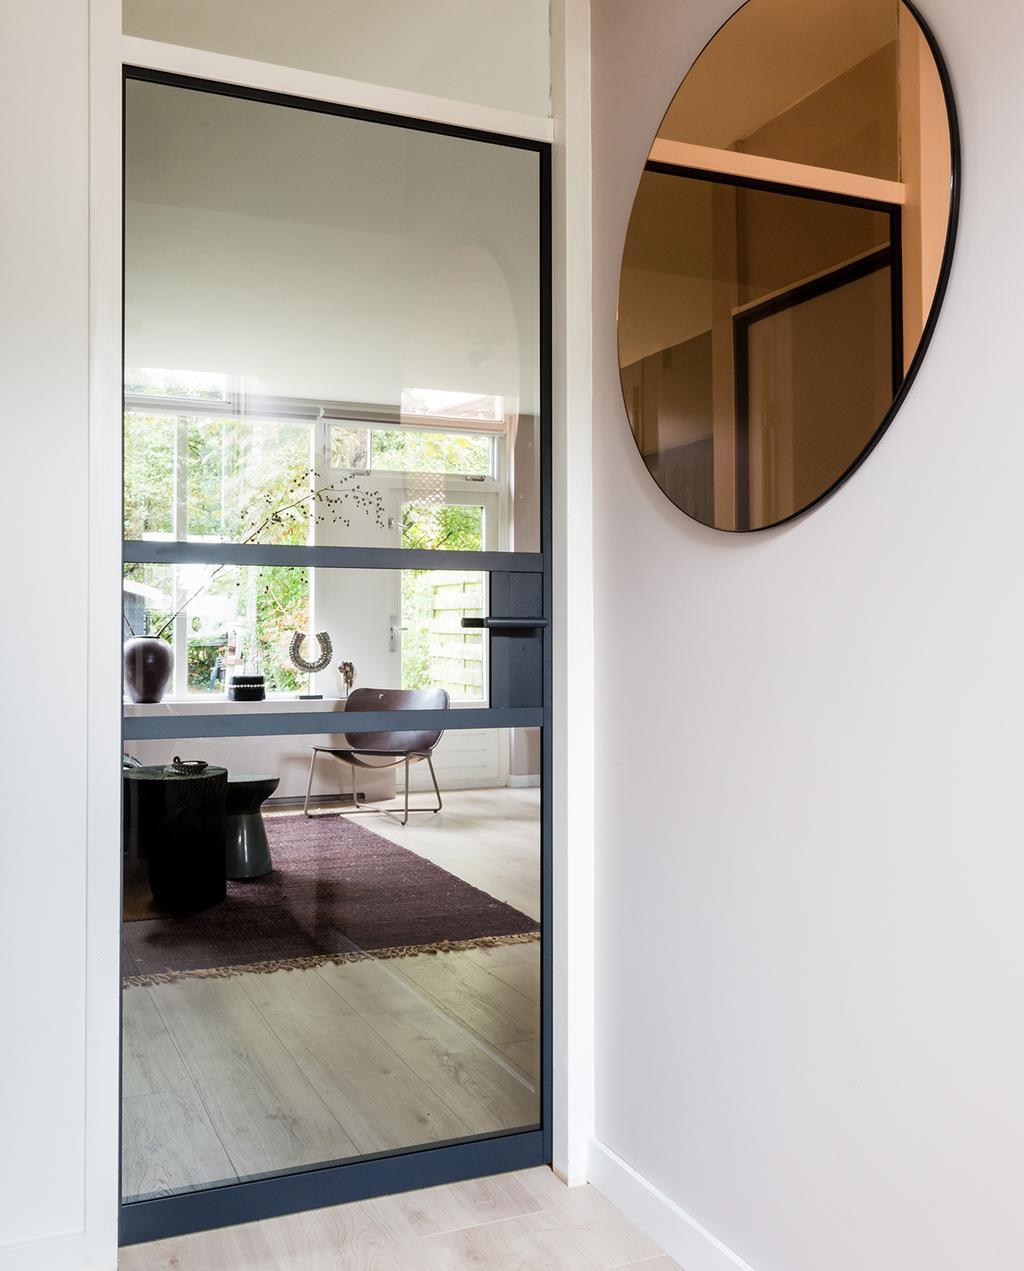 vtwonen GewoonGers stalen deuren | hal met stalen deur en ronde spiegel